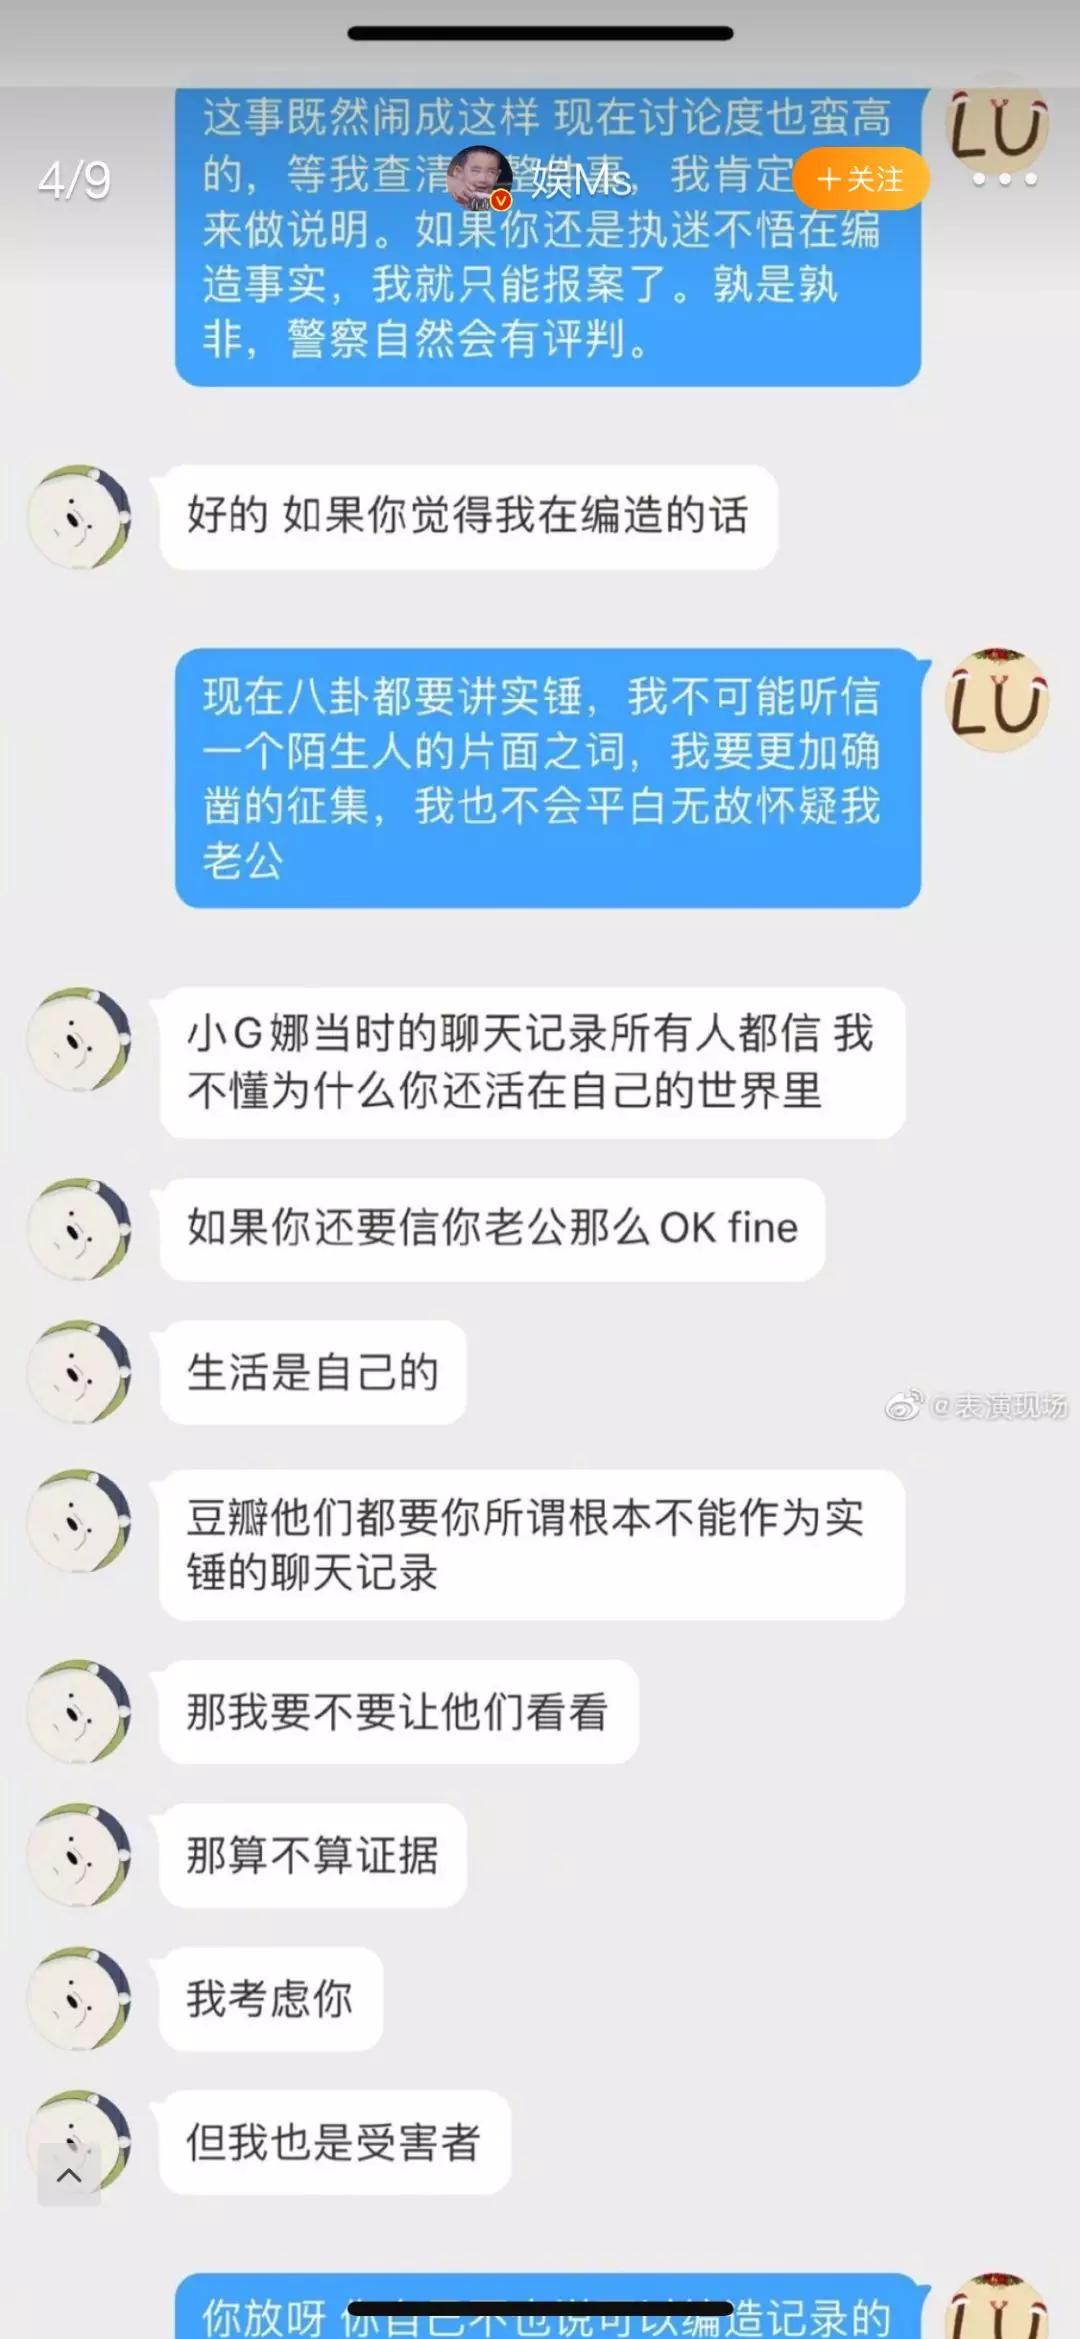 网红Lu一丝宣布离婚了,年底渣男都开始扎堆纷纷冲业绩了?